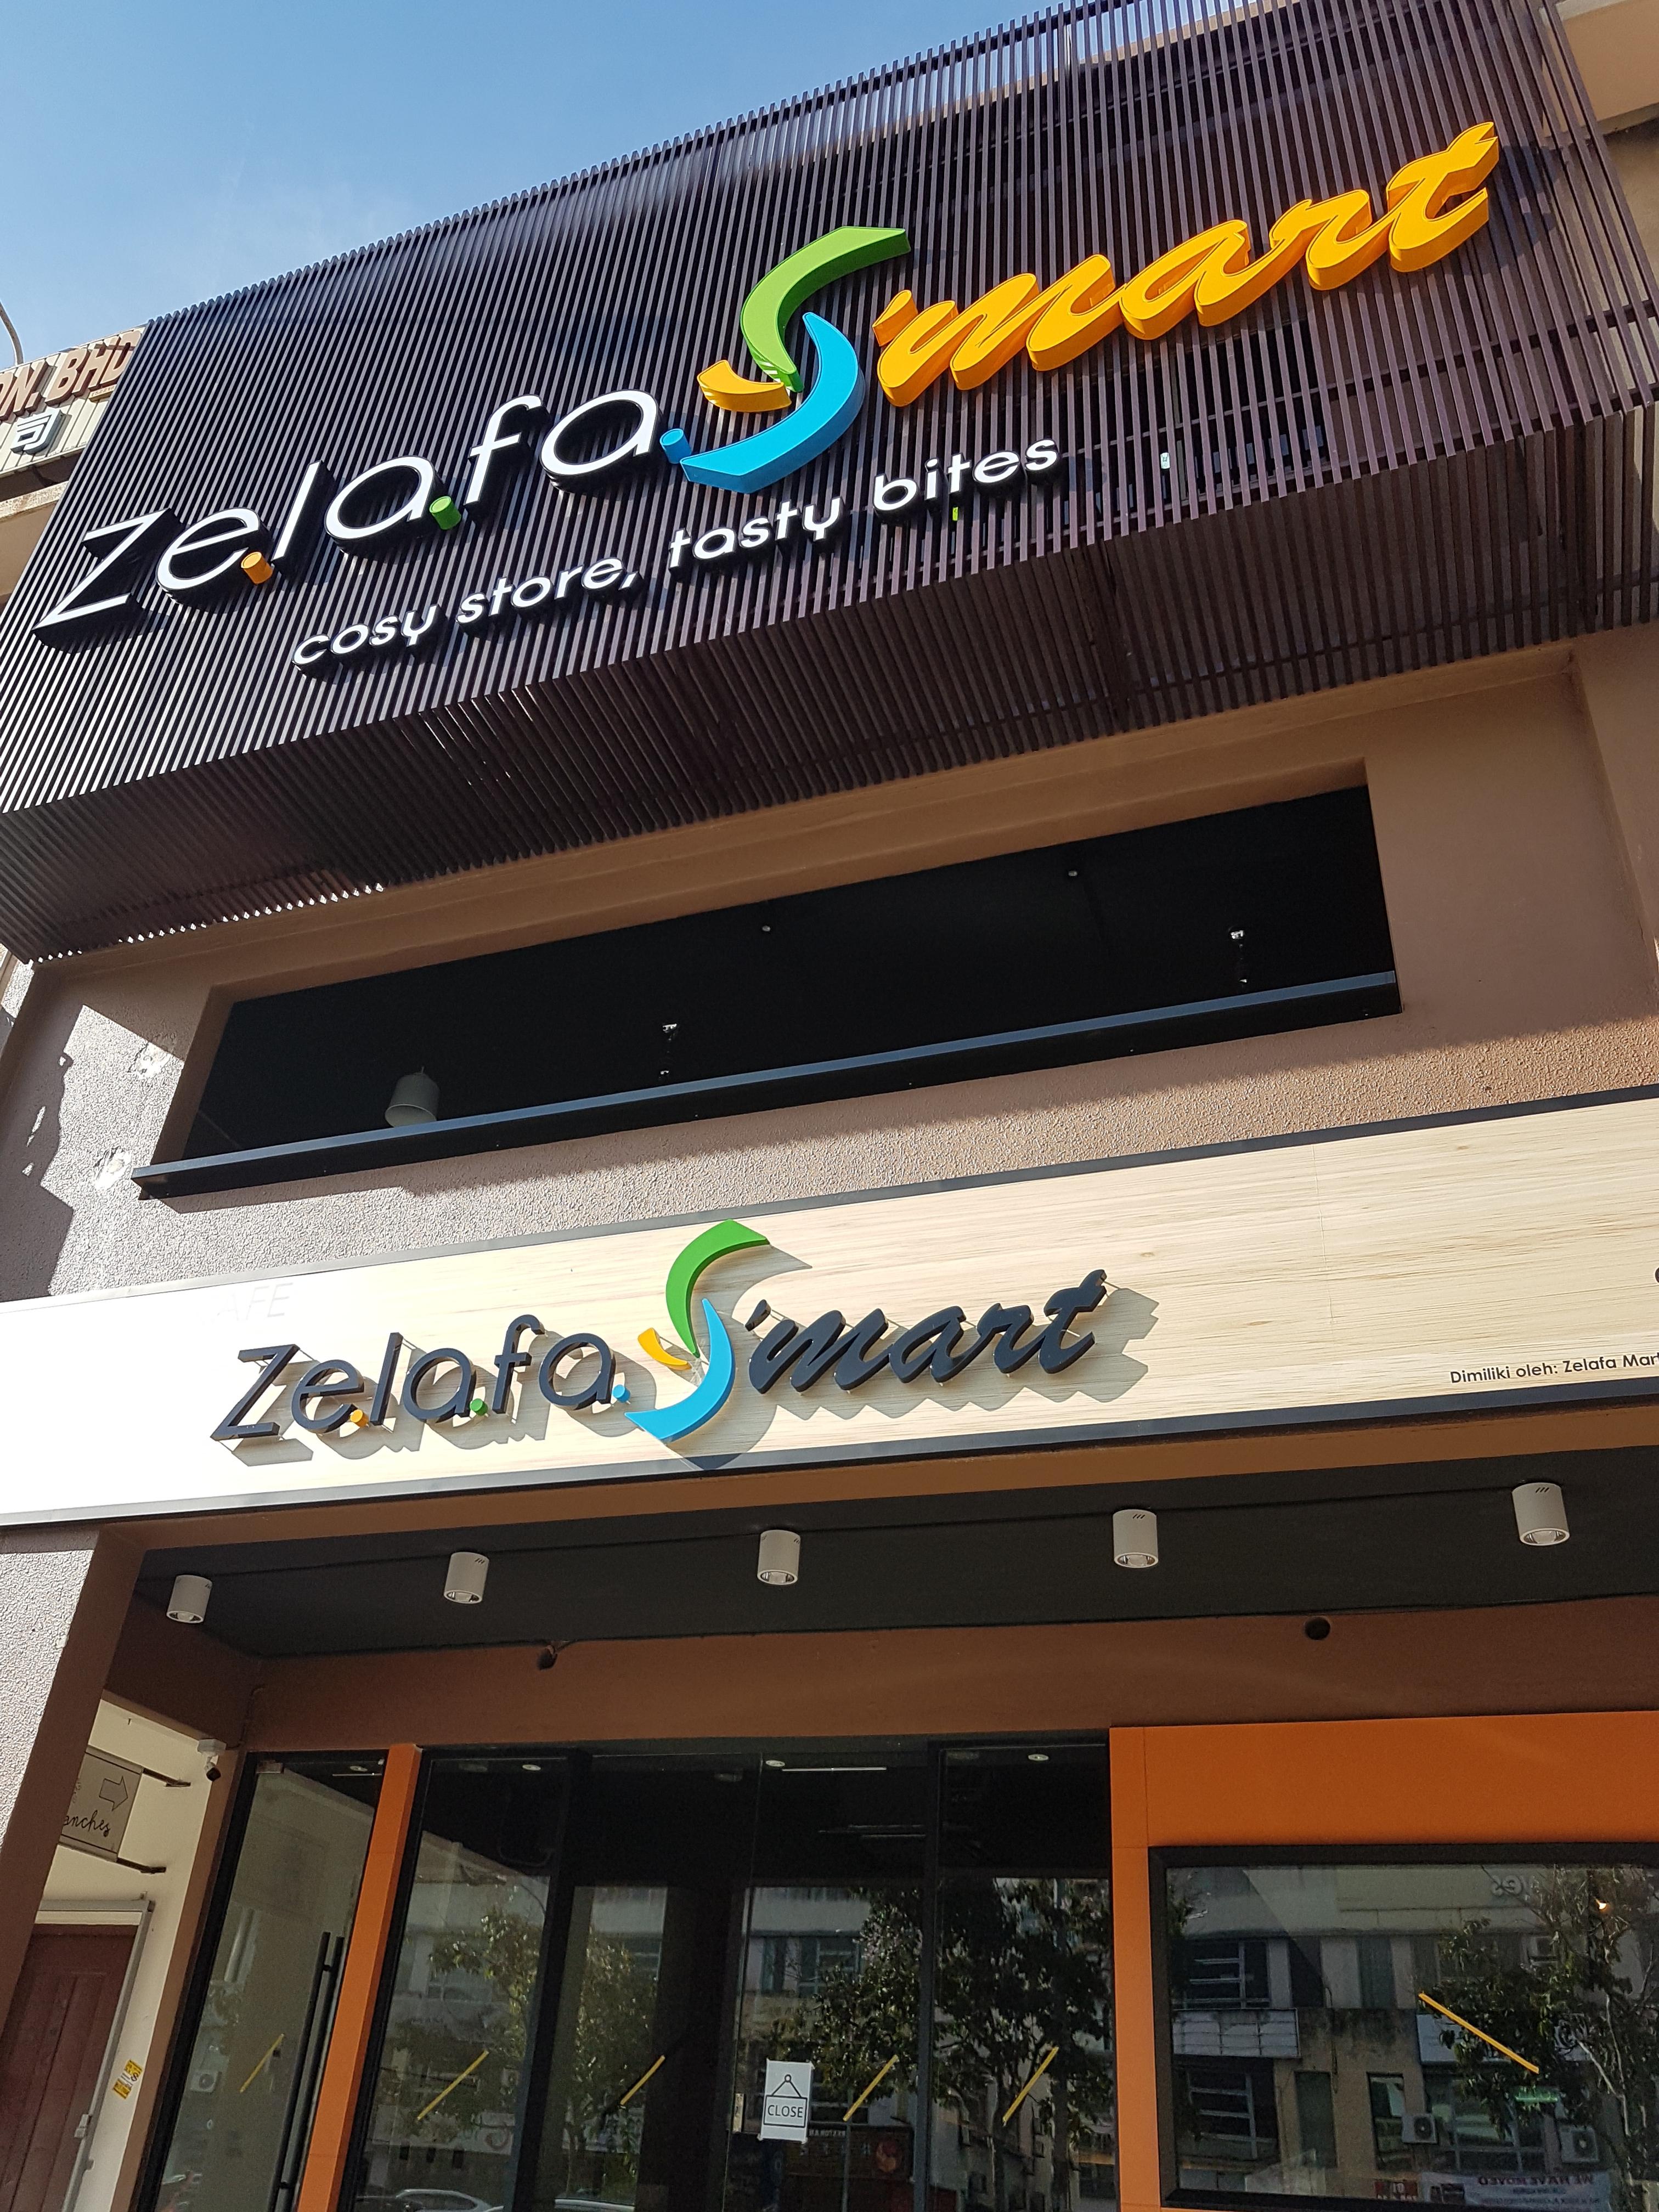 Zelafas'mart